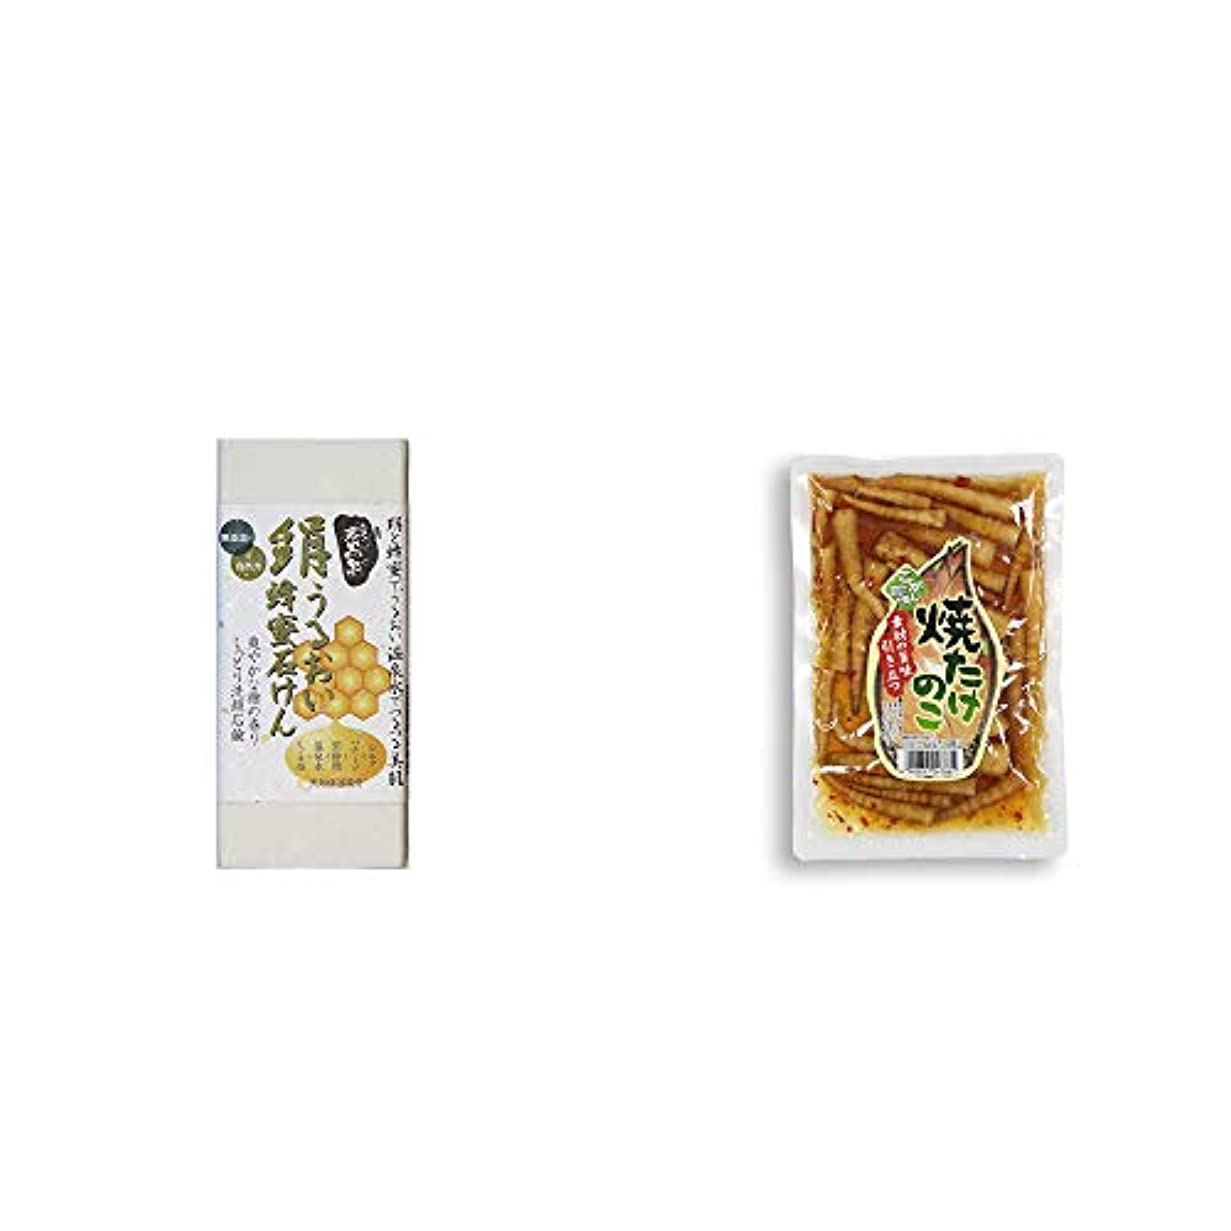 拍手日没ピービッシュ[2点セット] ひのき炭黒泉 絹うるおい蜂蜜石けん(75g×2)?焼たけのこ(300g)